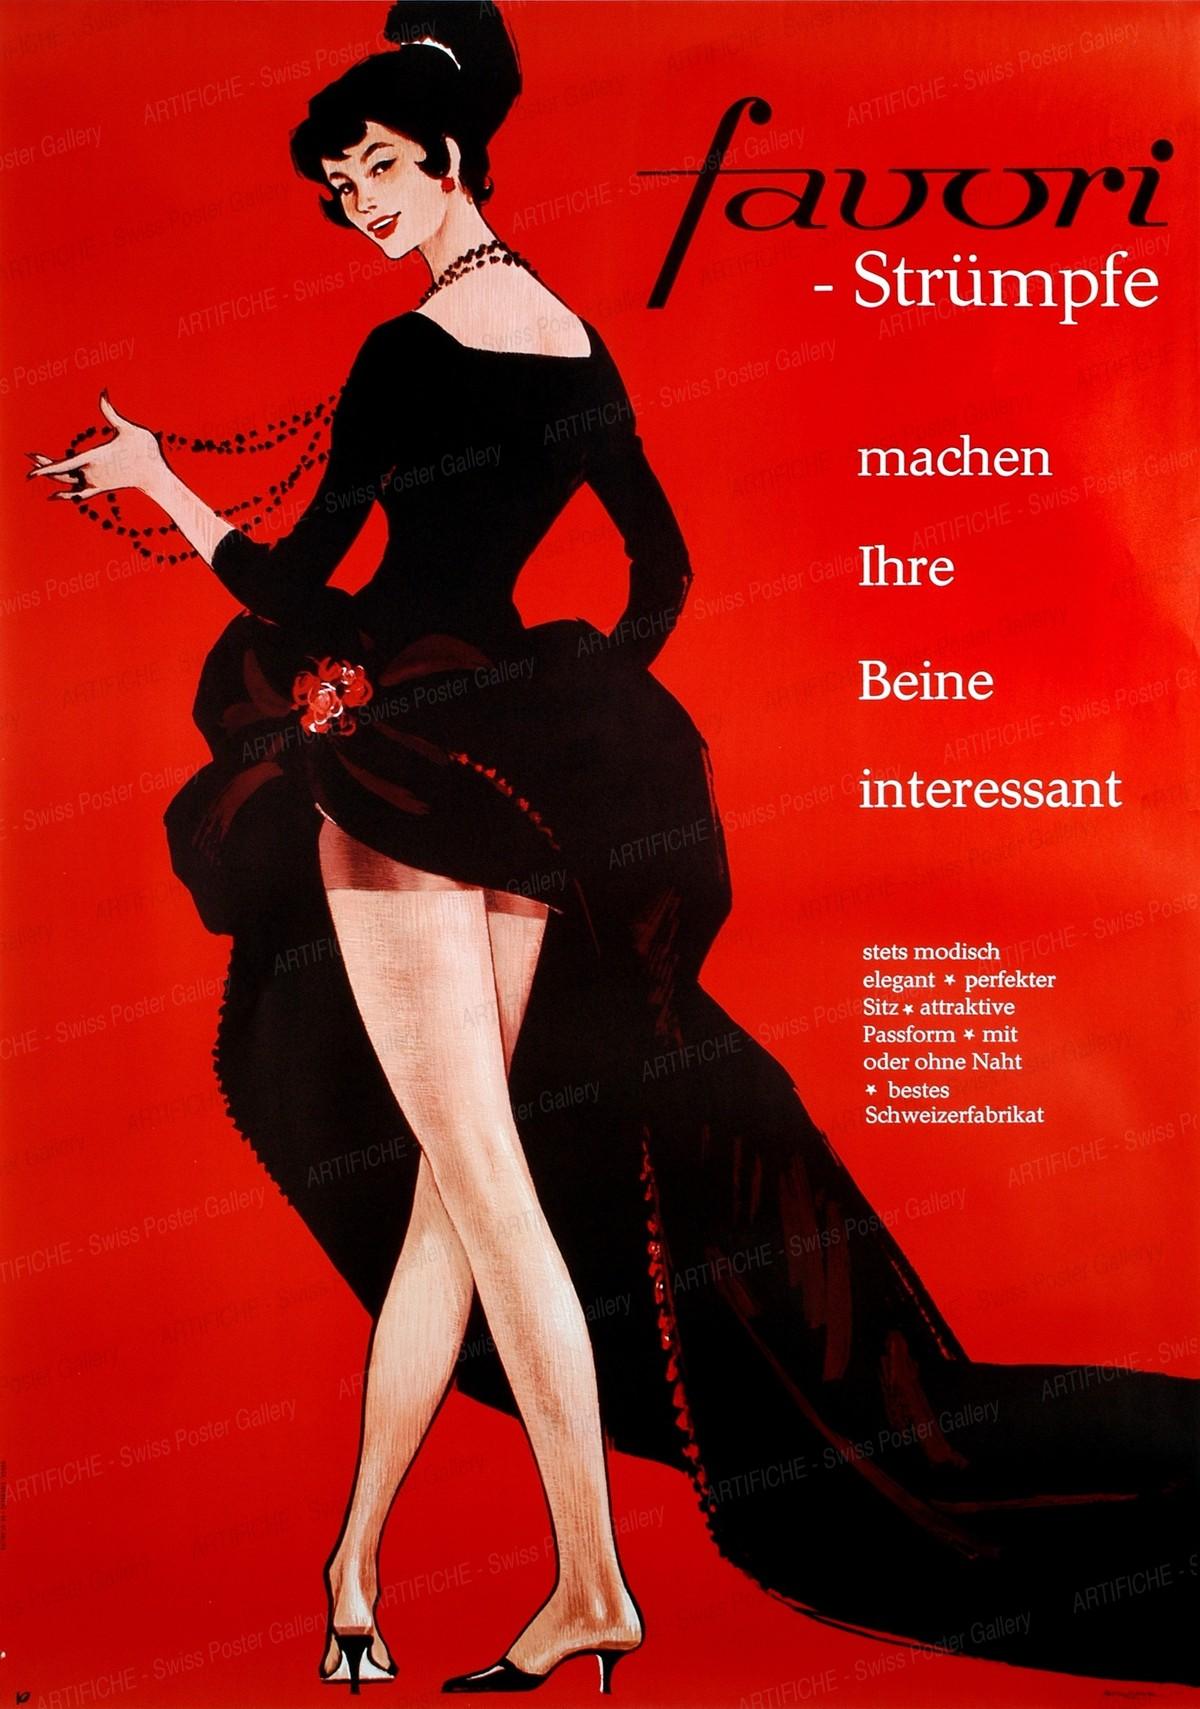 Favori – Stockings, Rolf Bangerter